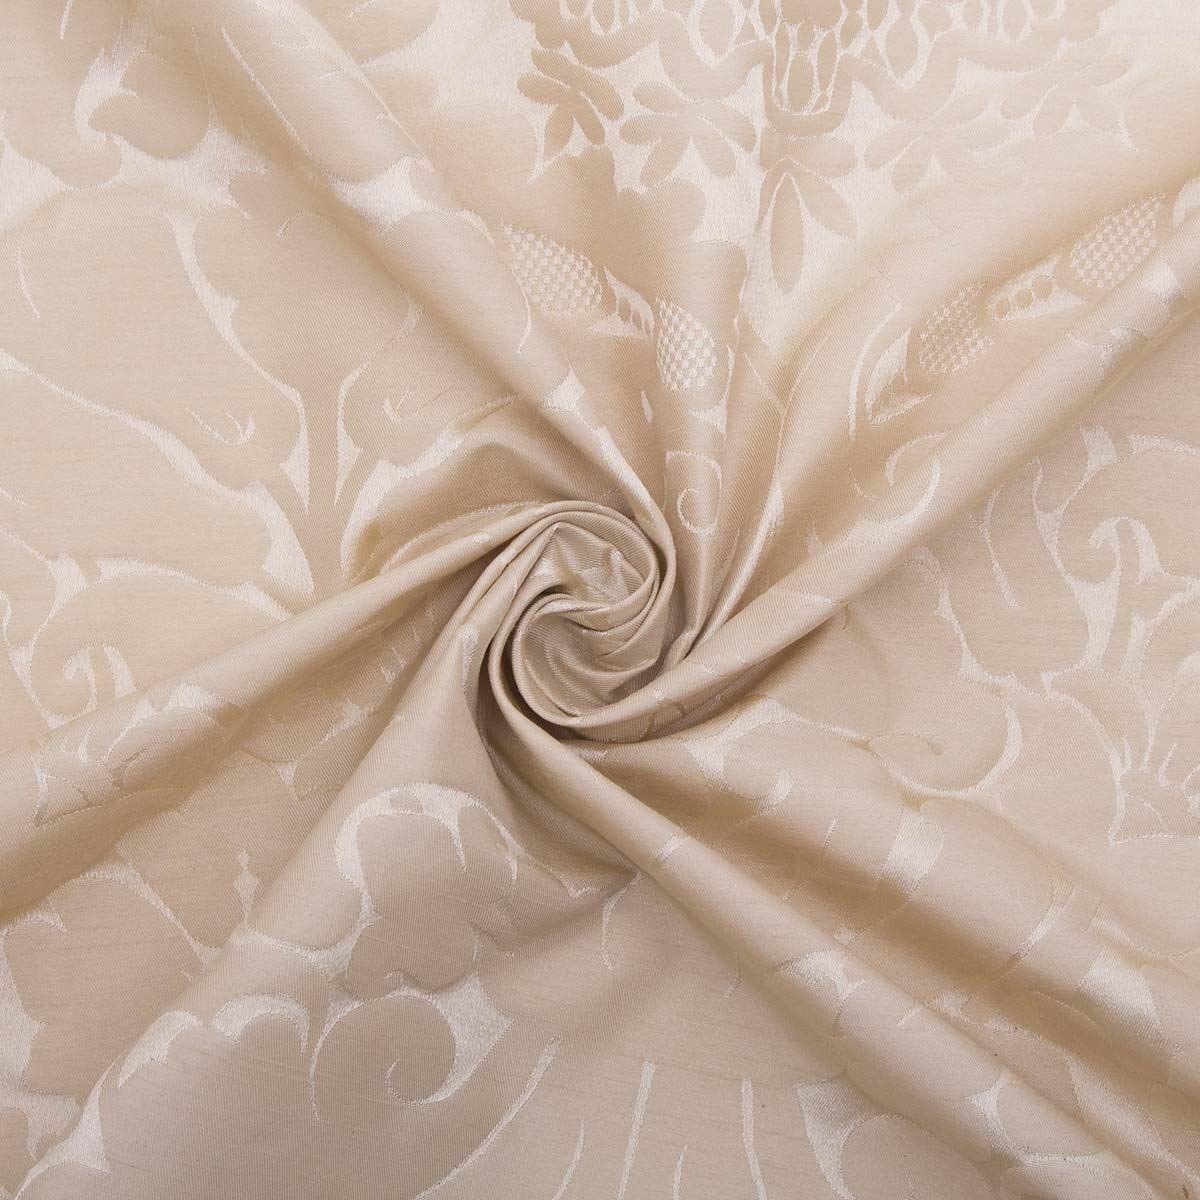 blumen damast seide koordination streifen vorhang polster stoff kissen ebay. Black Bedroom Furniture Sets. Home Design Ideas